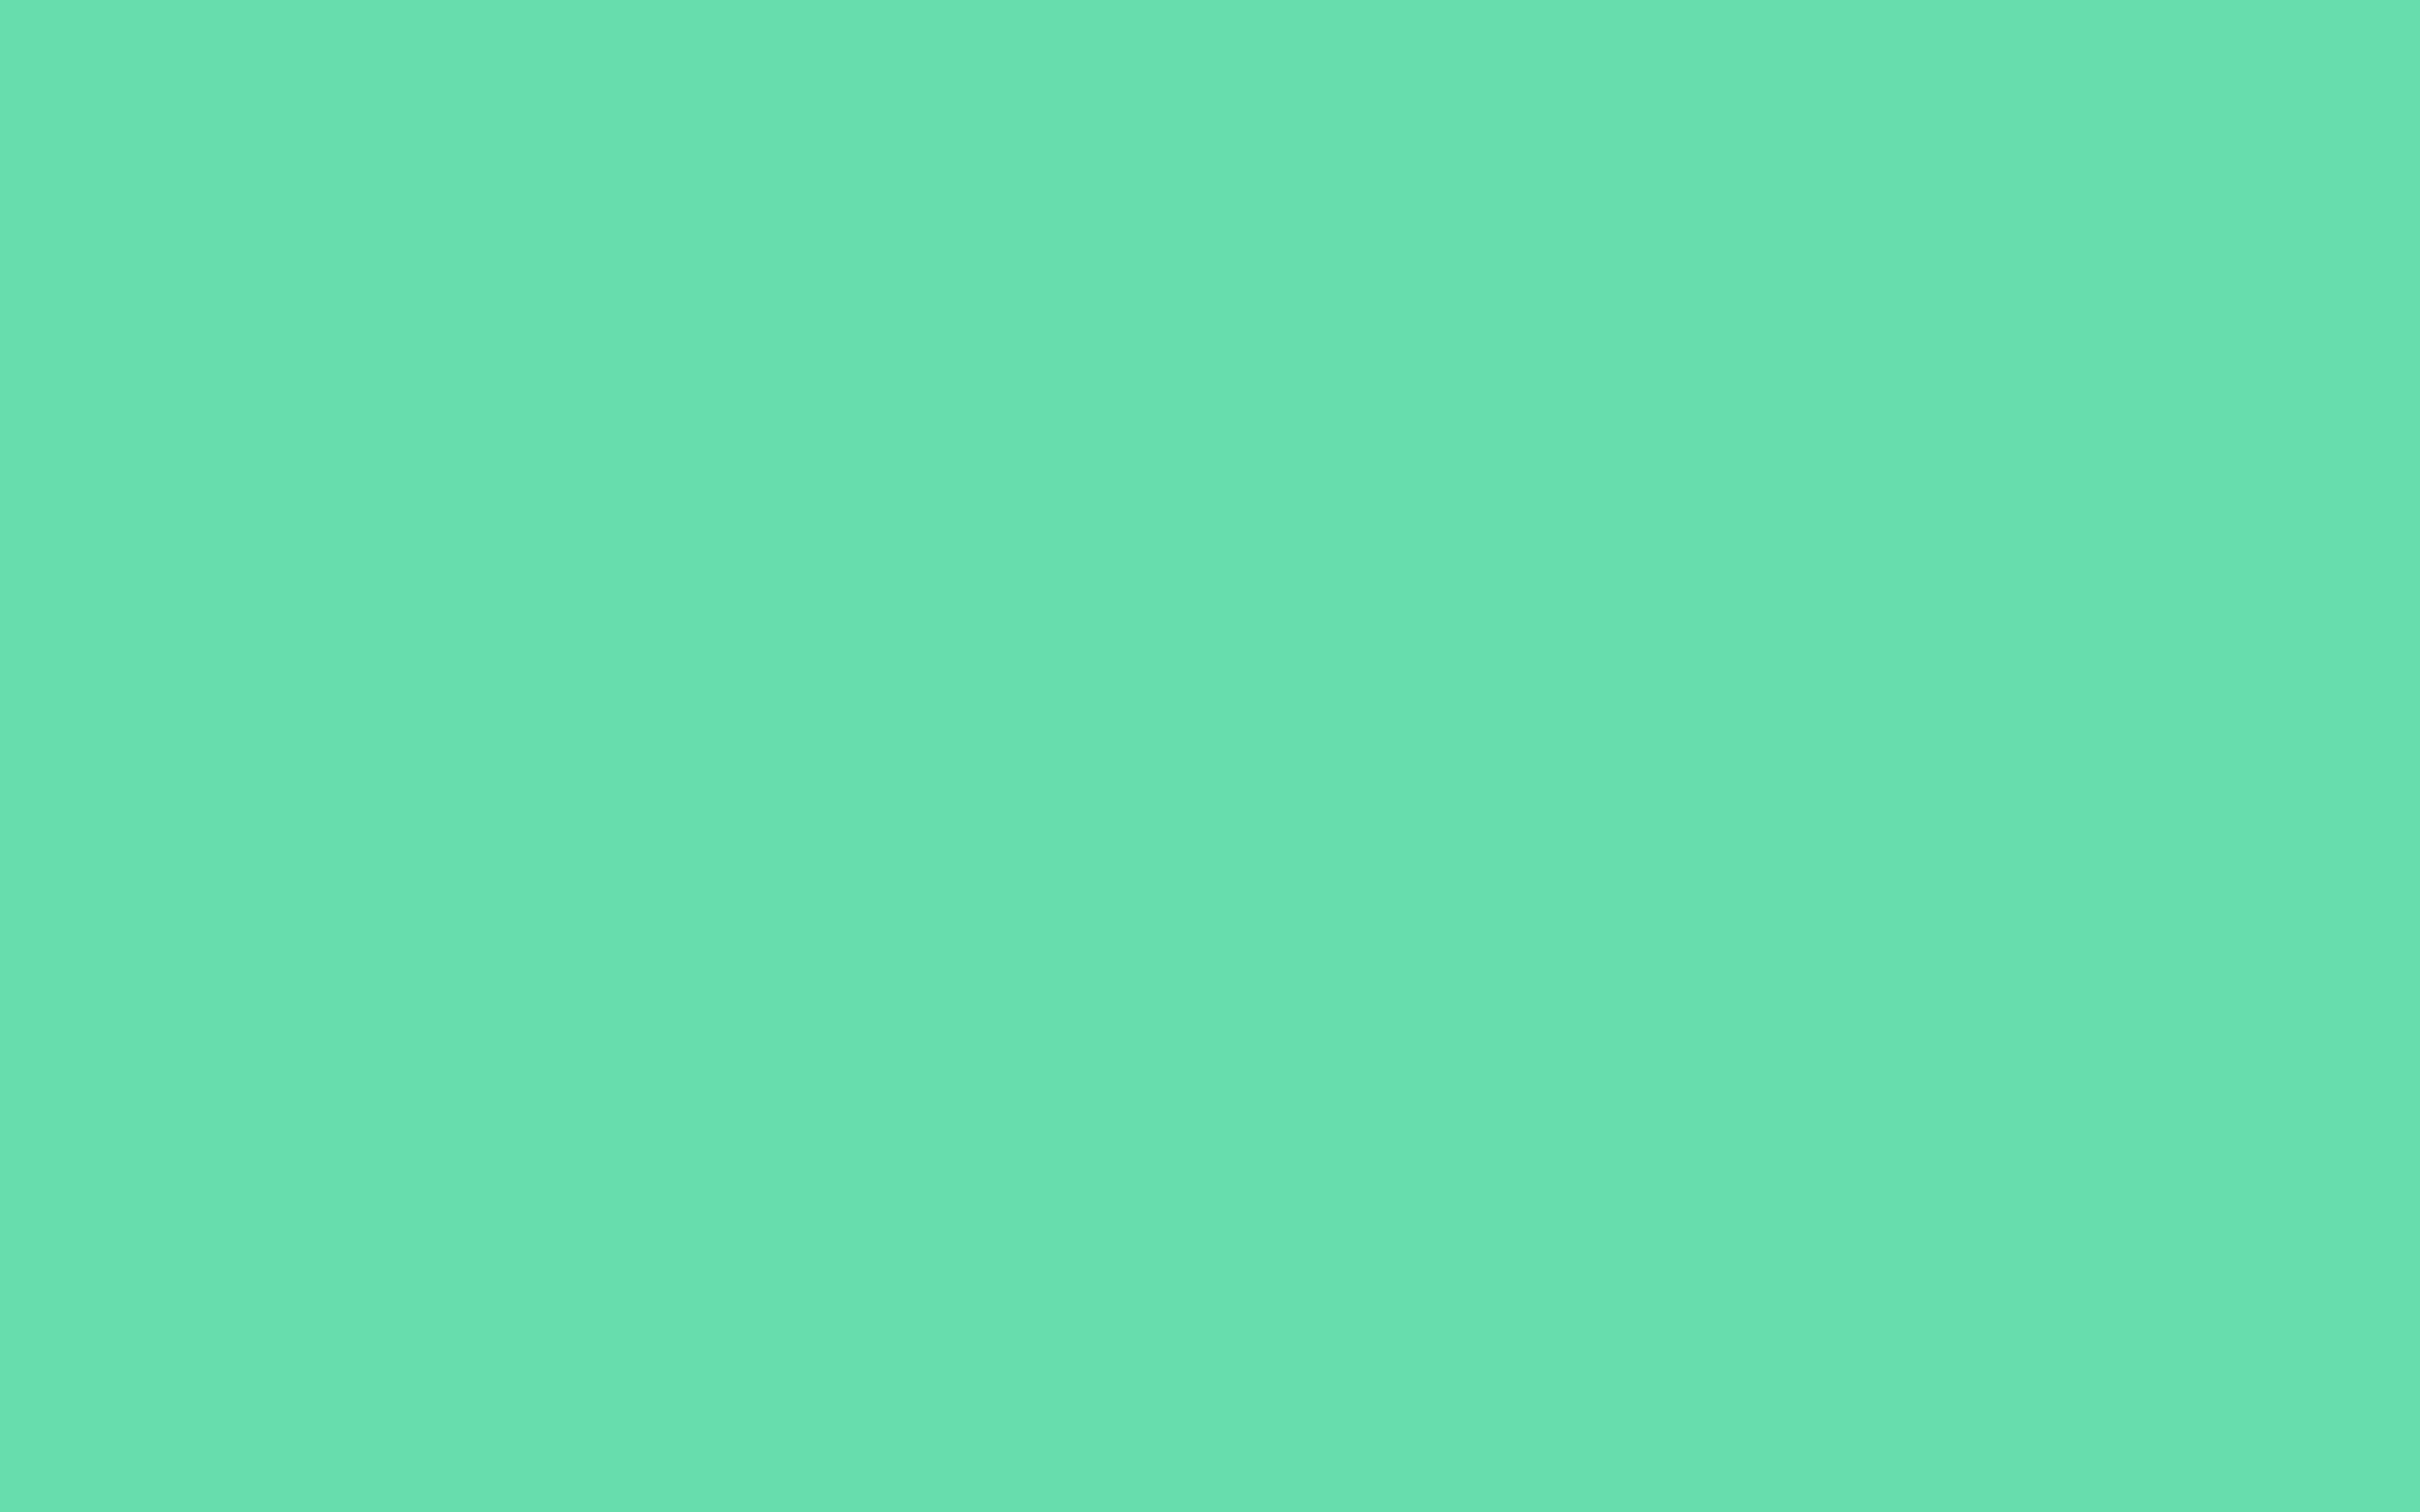 2560x1600 Medium Aquamarine Solid Color Background